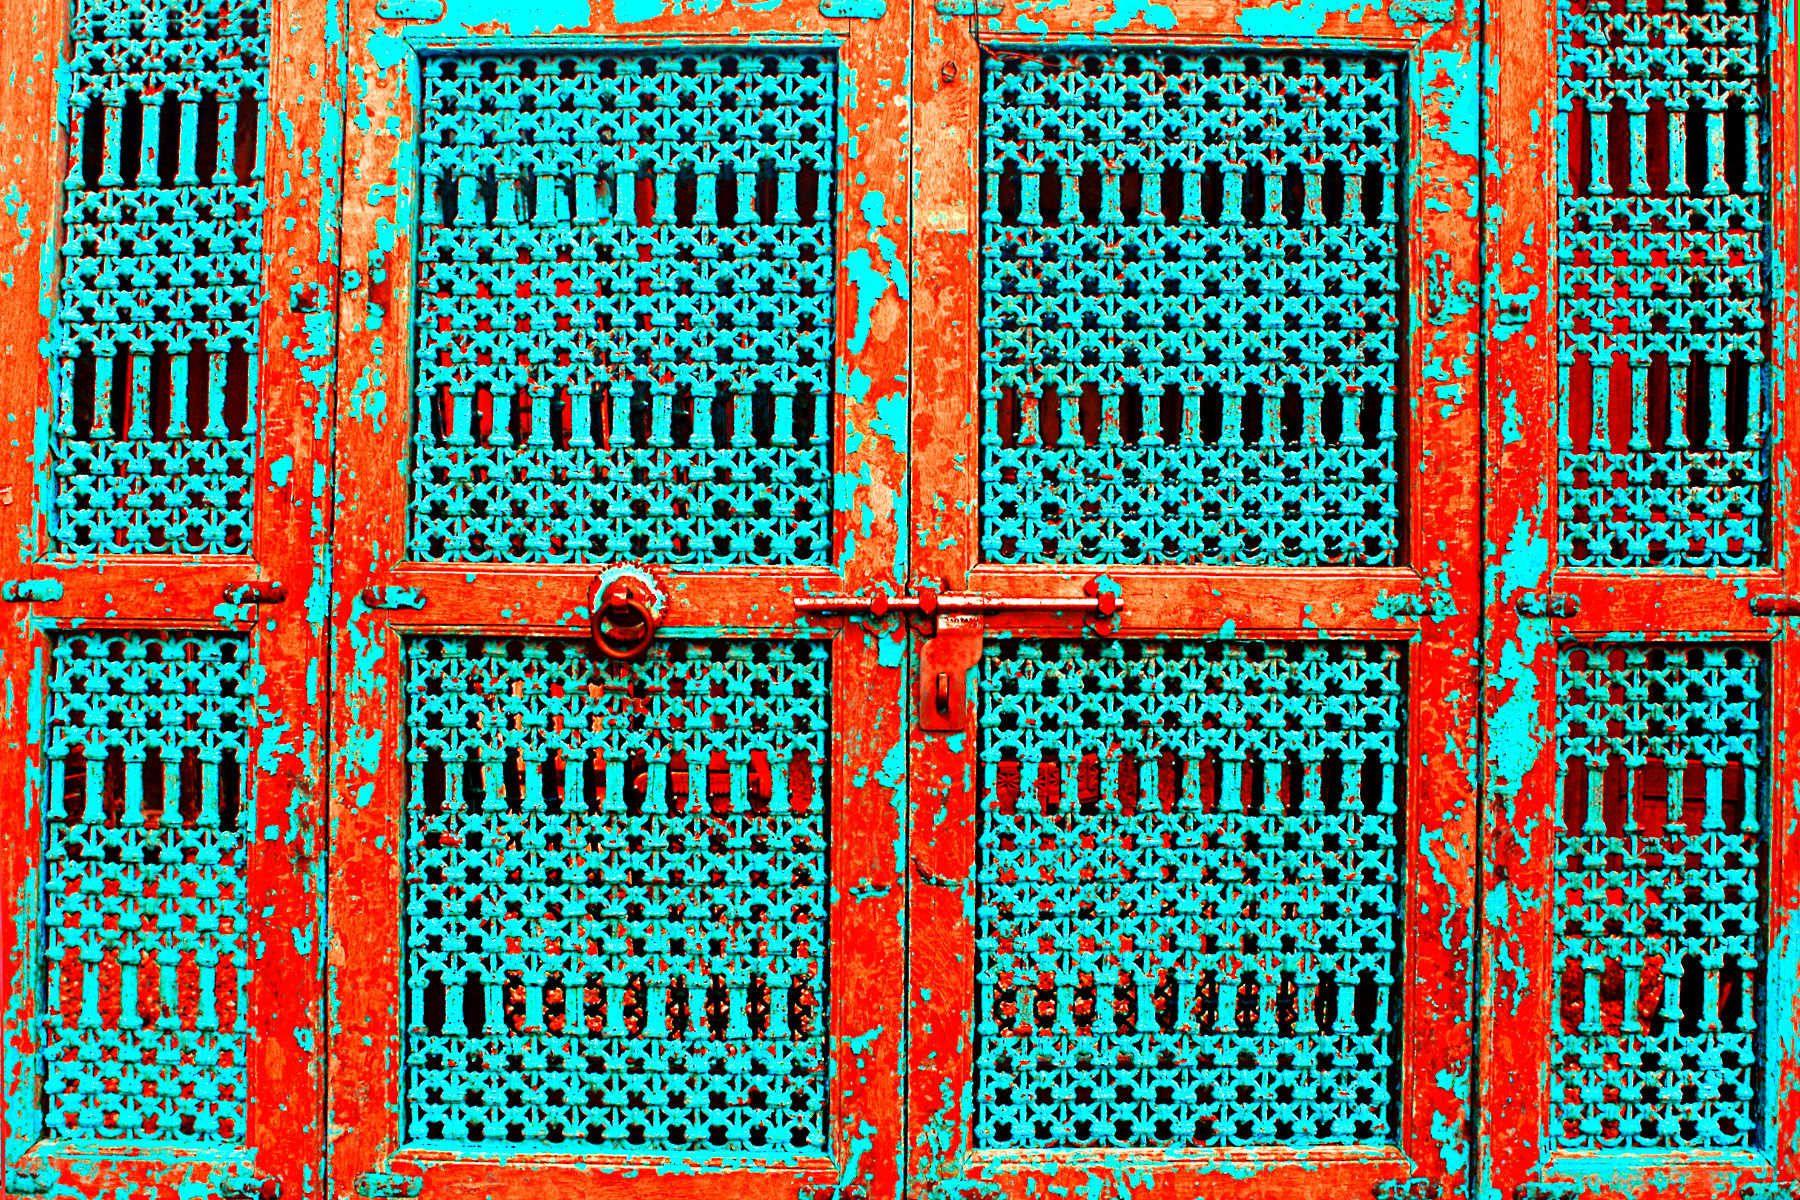 25_0_37_1c_janegottlieb_nm_old_doors1.jpg